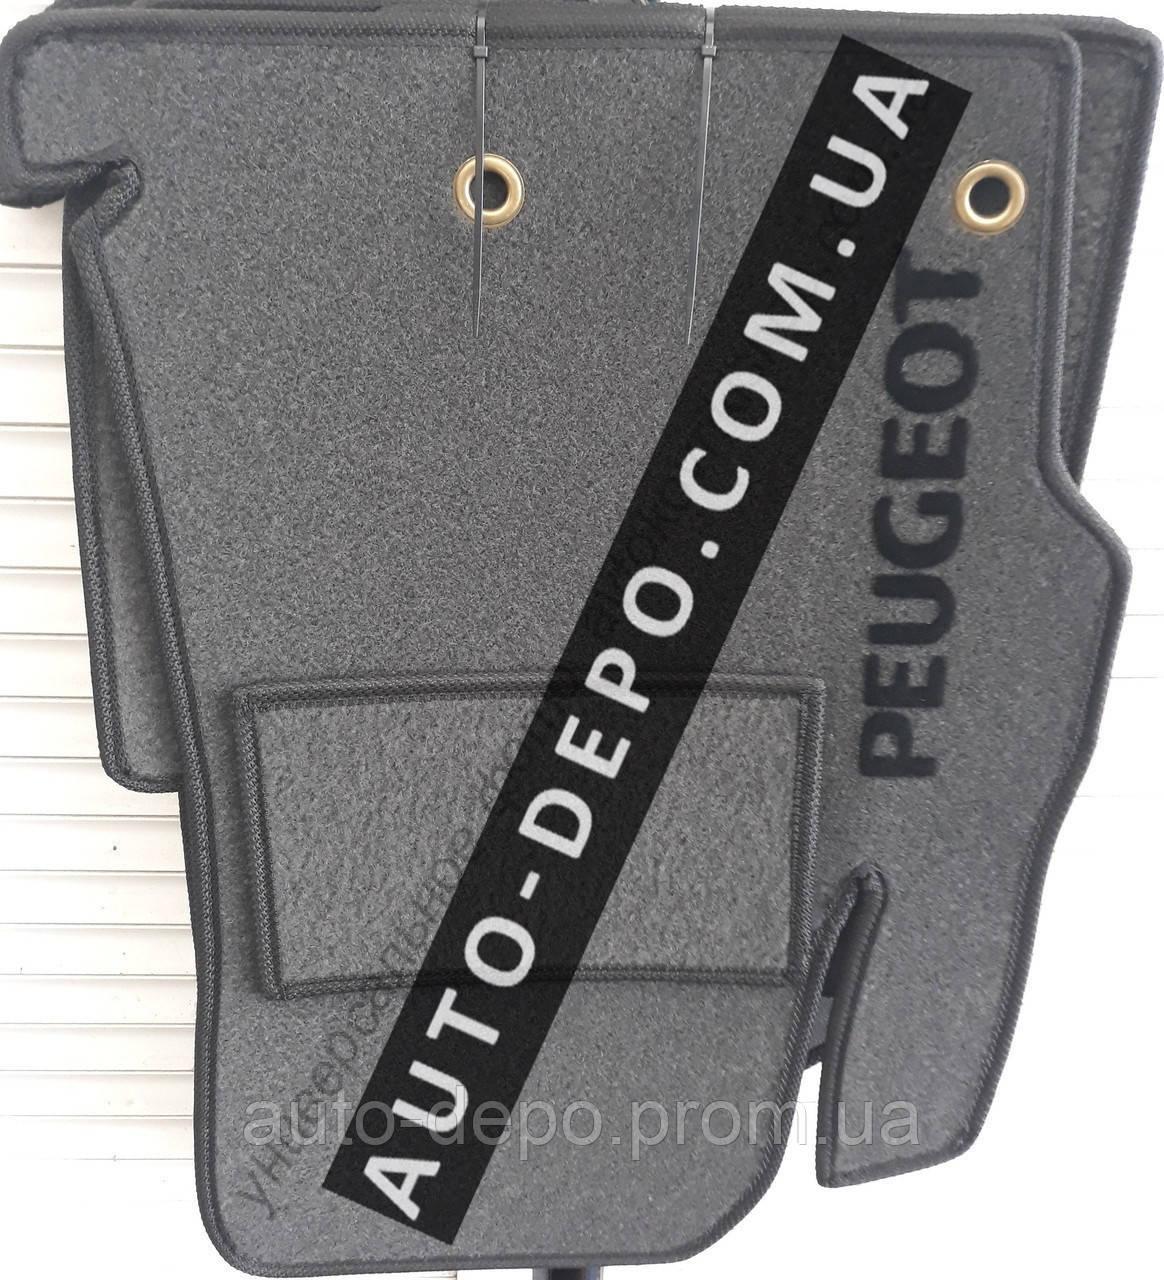 Ворсові килимки салону Peugeot 308 2013 - VIP ЛЮКС АВТО-ВОРС